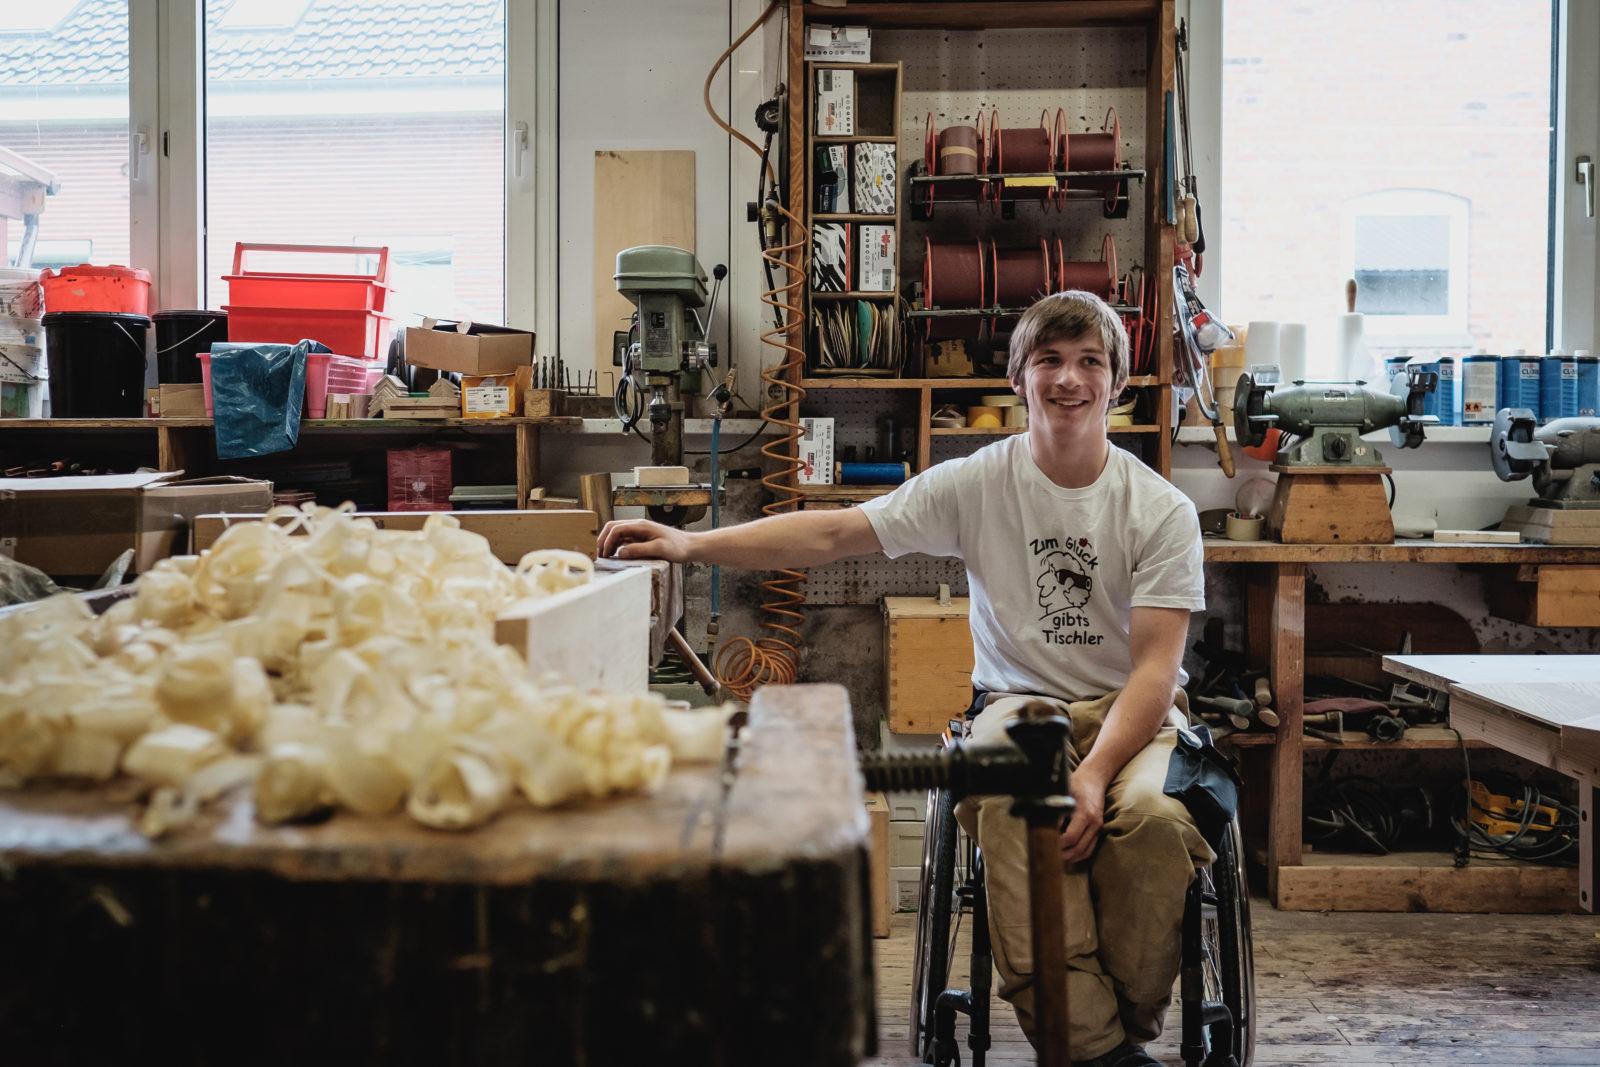 Ein junger Mann im Rollstuhl steht in der Tischlerwerkstatt.